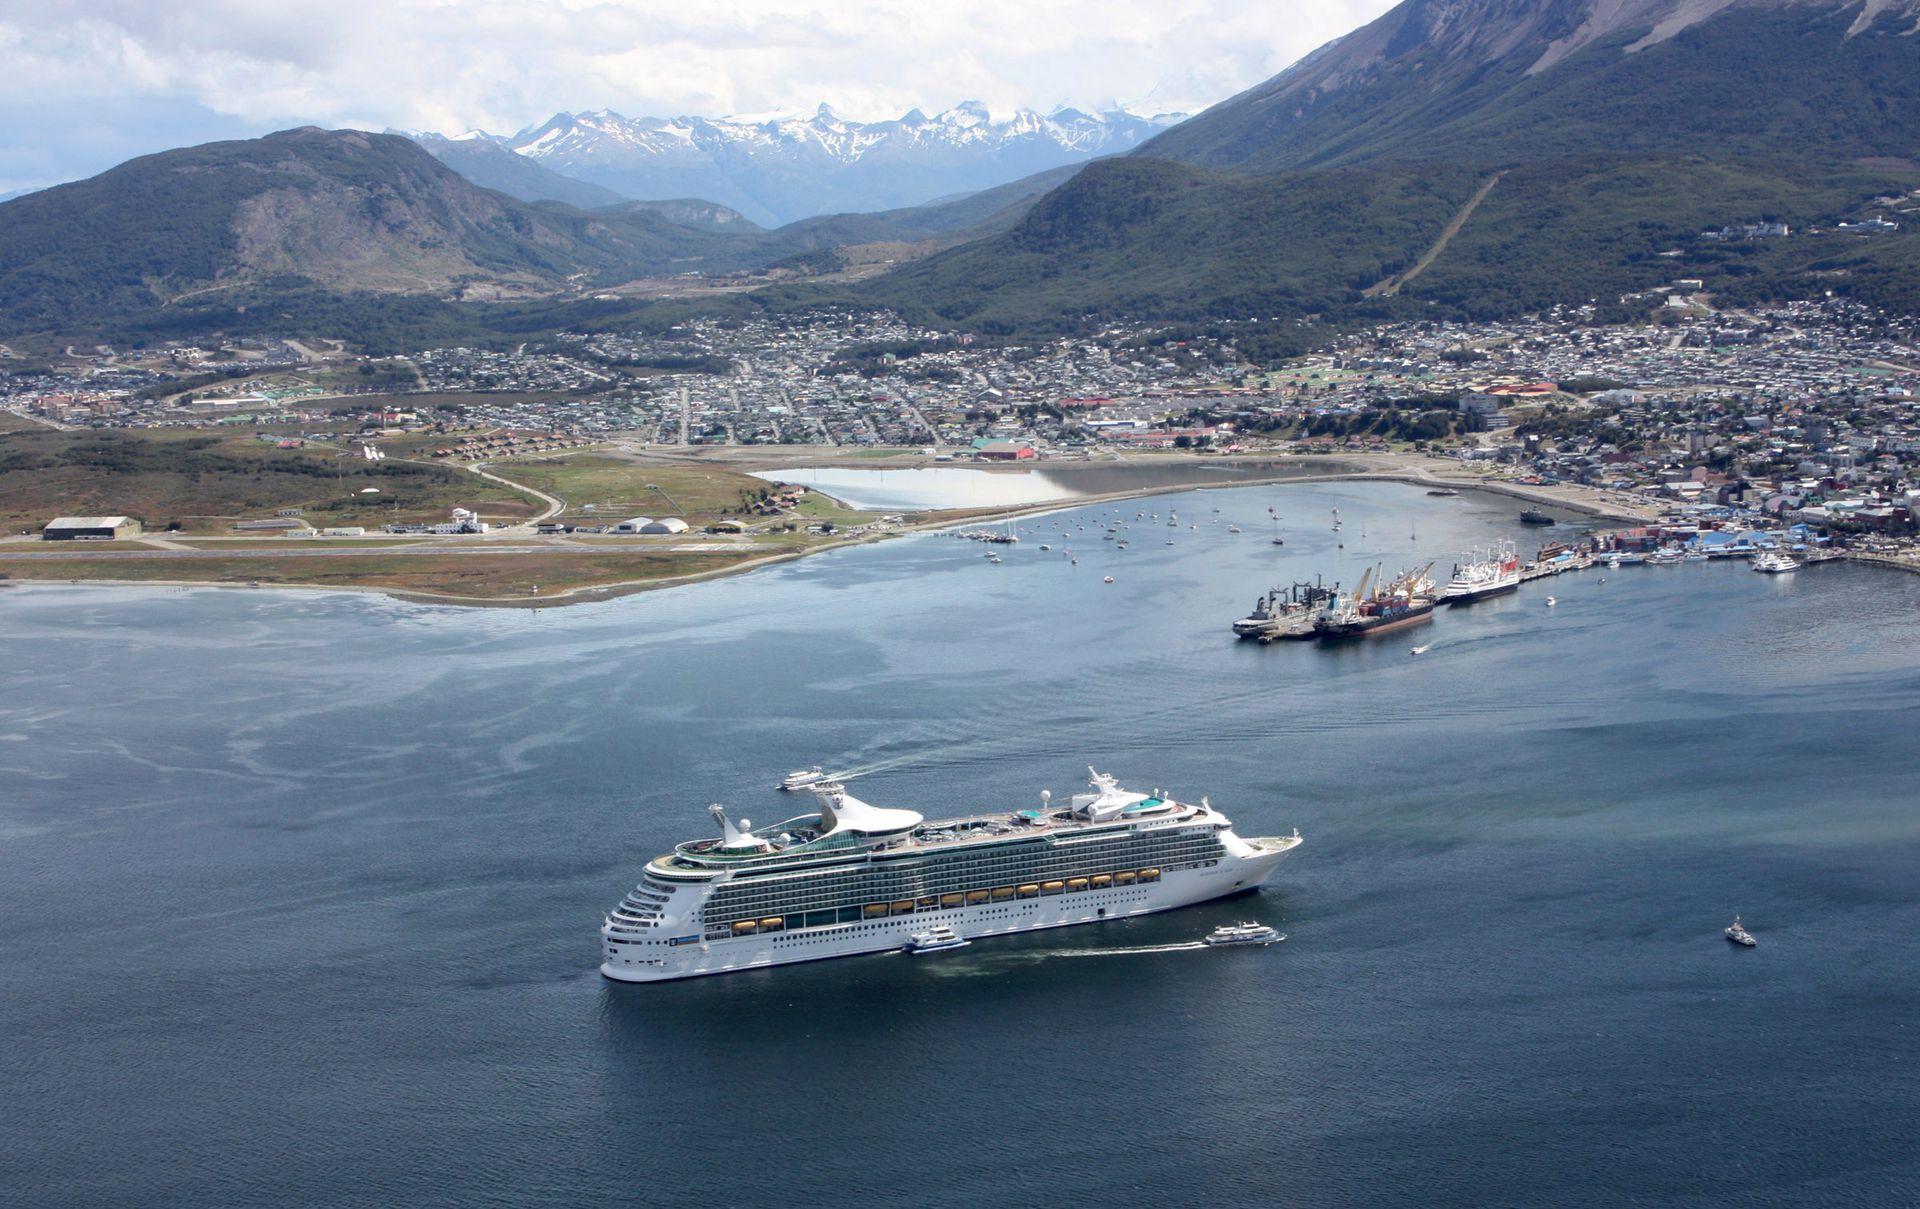 La temporada de cruceros que traía miles de viajeros y no pudo realizarse y la reducción en la conectividad aérea impulsaron la crisis del sector turístico